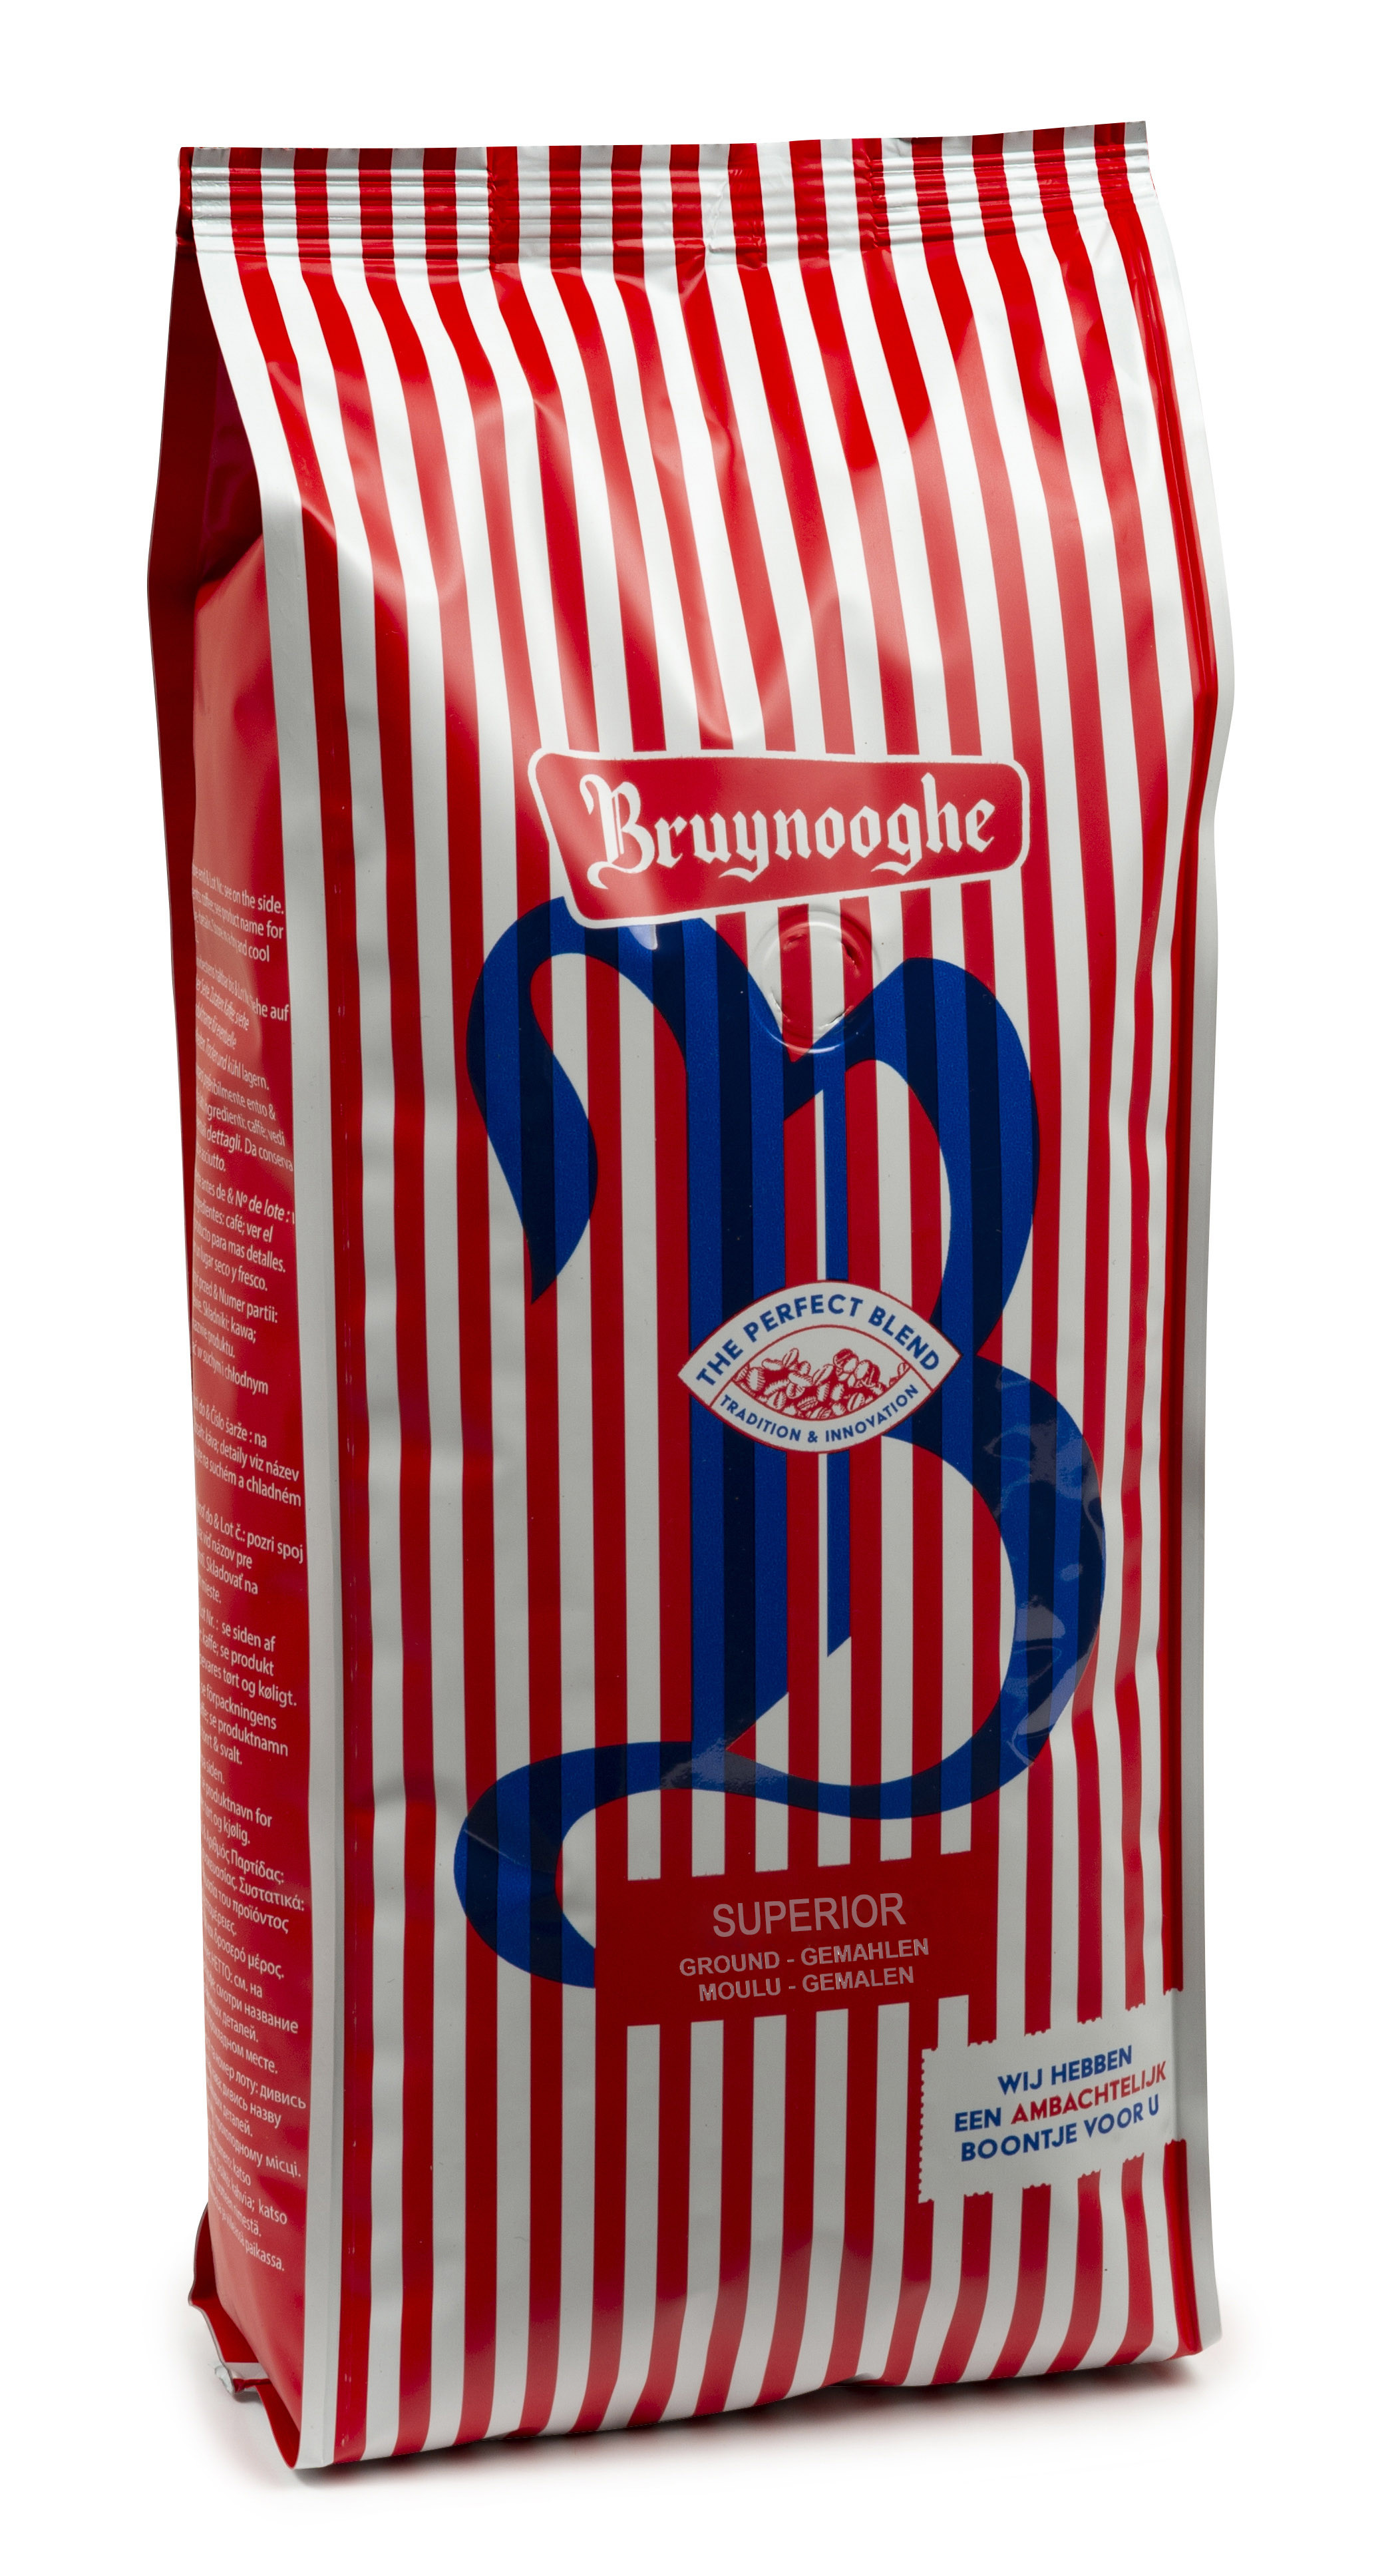 Koffie Bruynooghe Superior gemalen 1kg (Koffie)